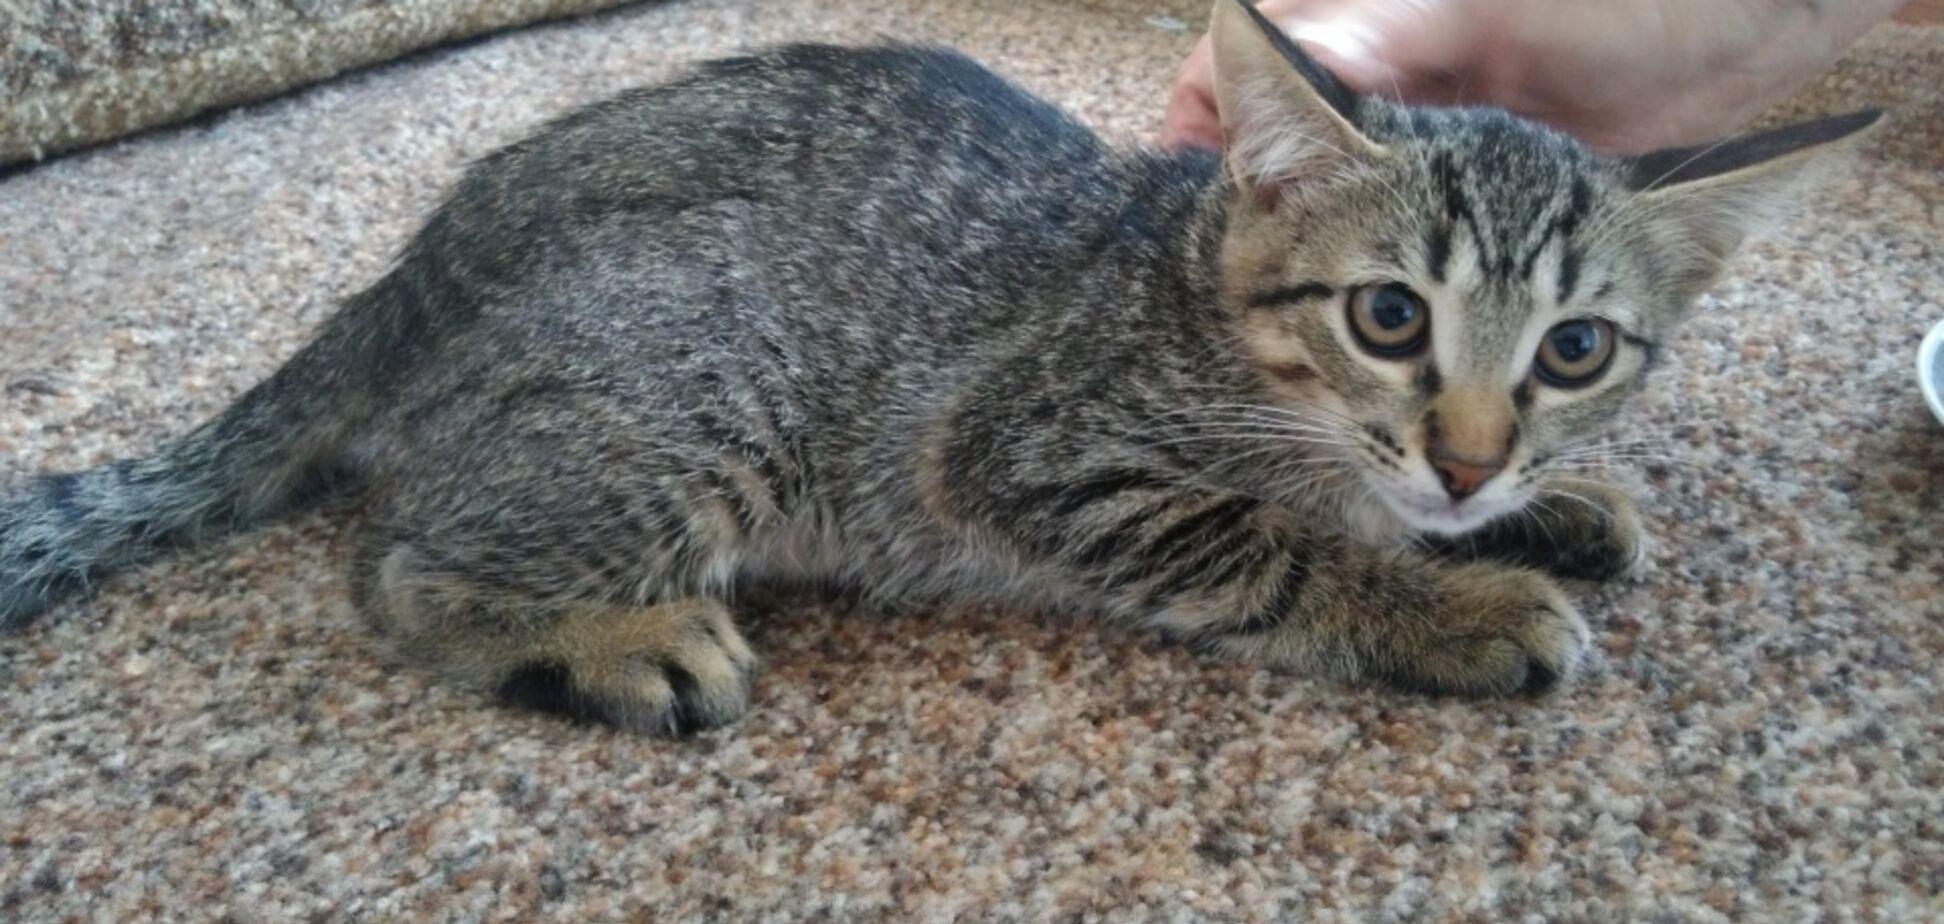 Друг бесплатно: 4 котика Днепра, которые ищут дом